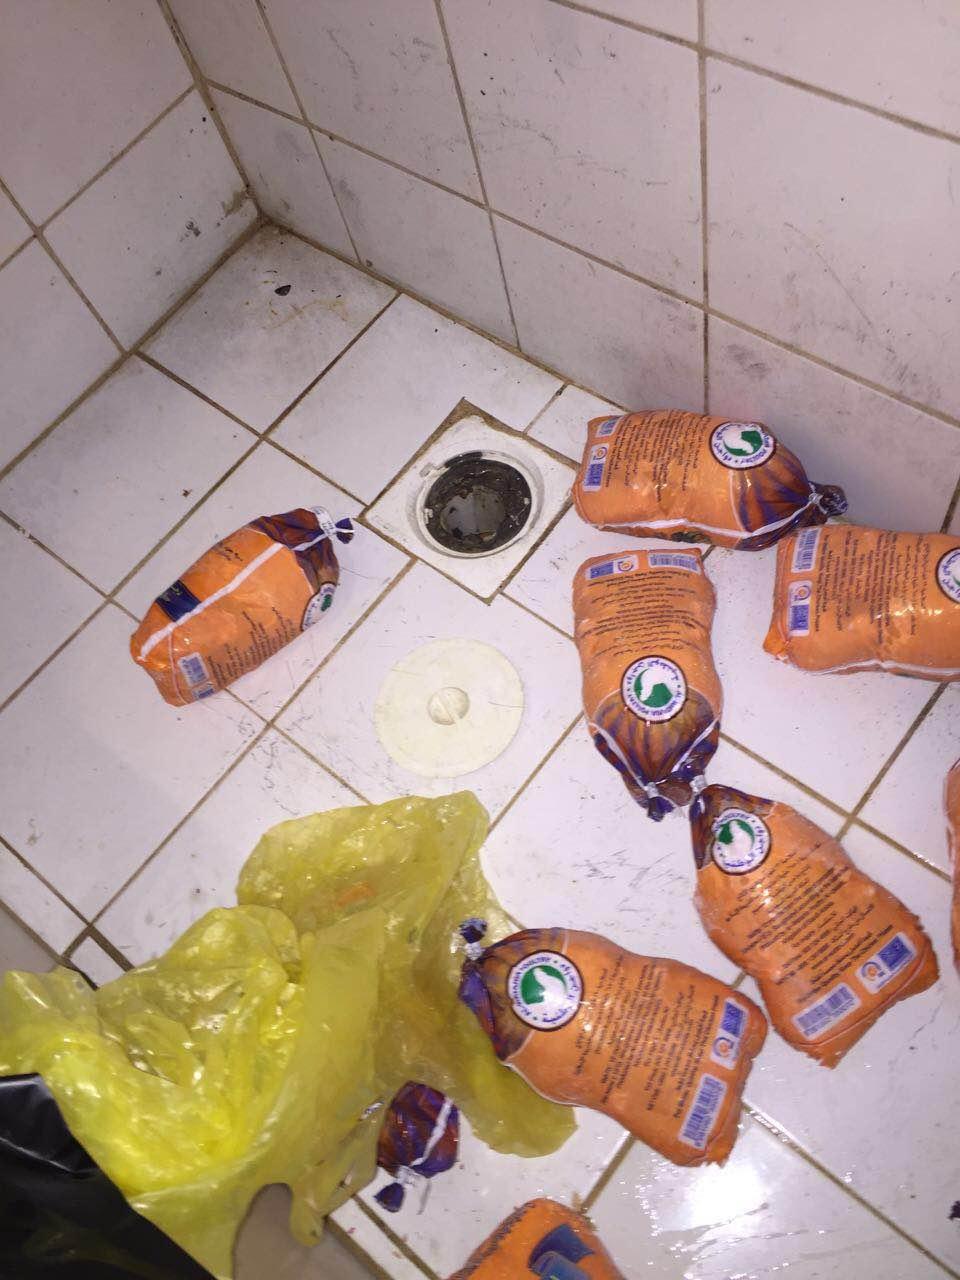 أمانة الجوف تواصل حملاتها وتغلق عدداً من المطاعم بسكاكا (3)